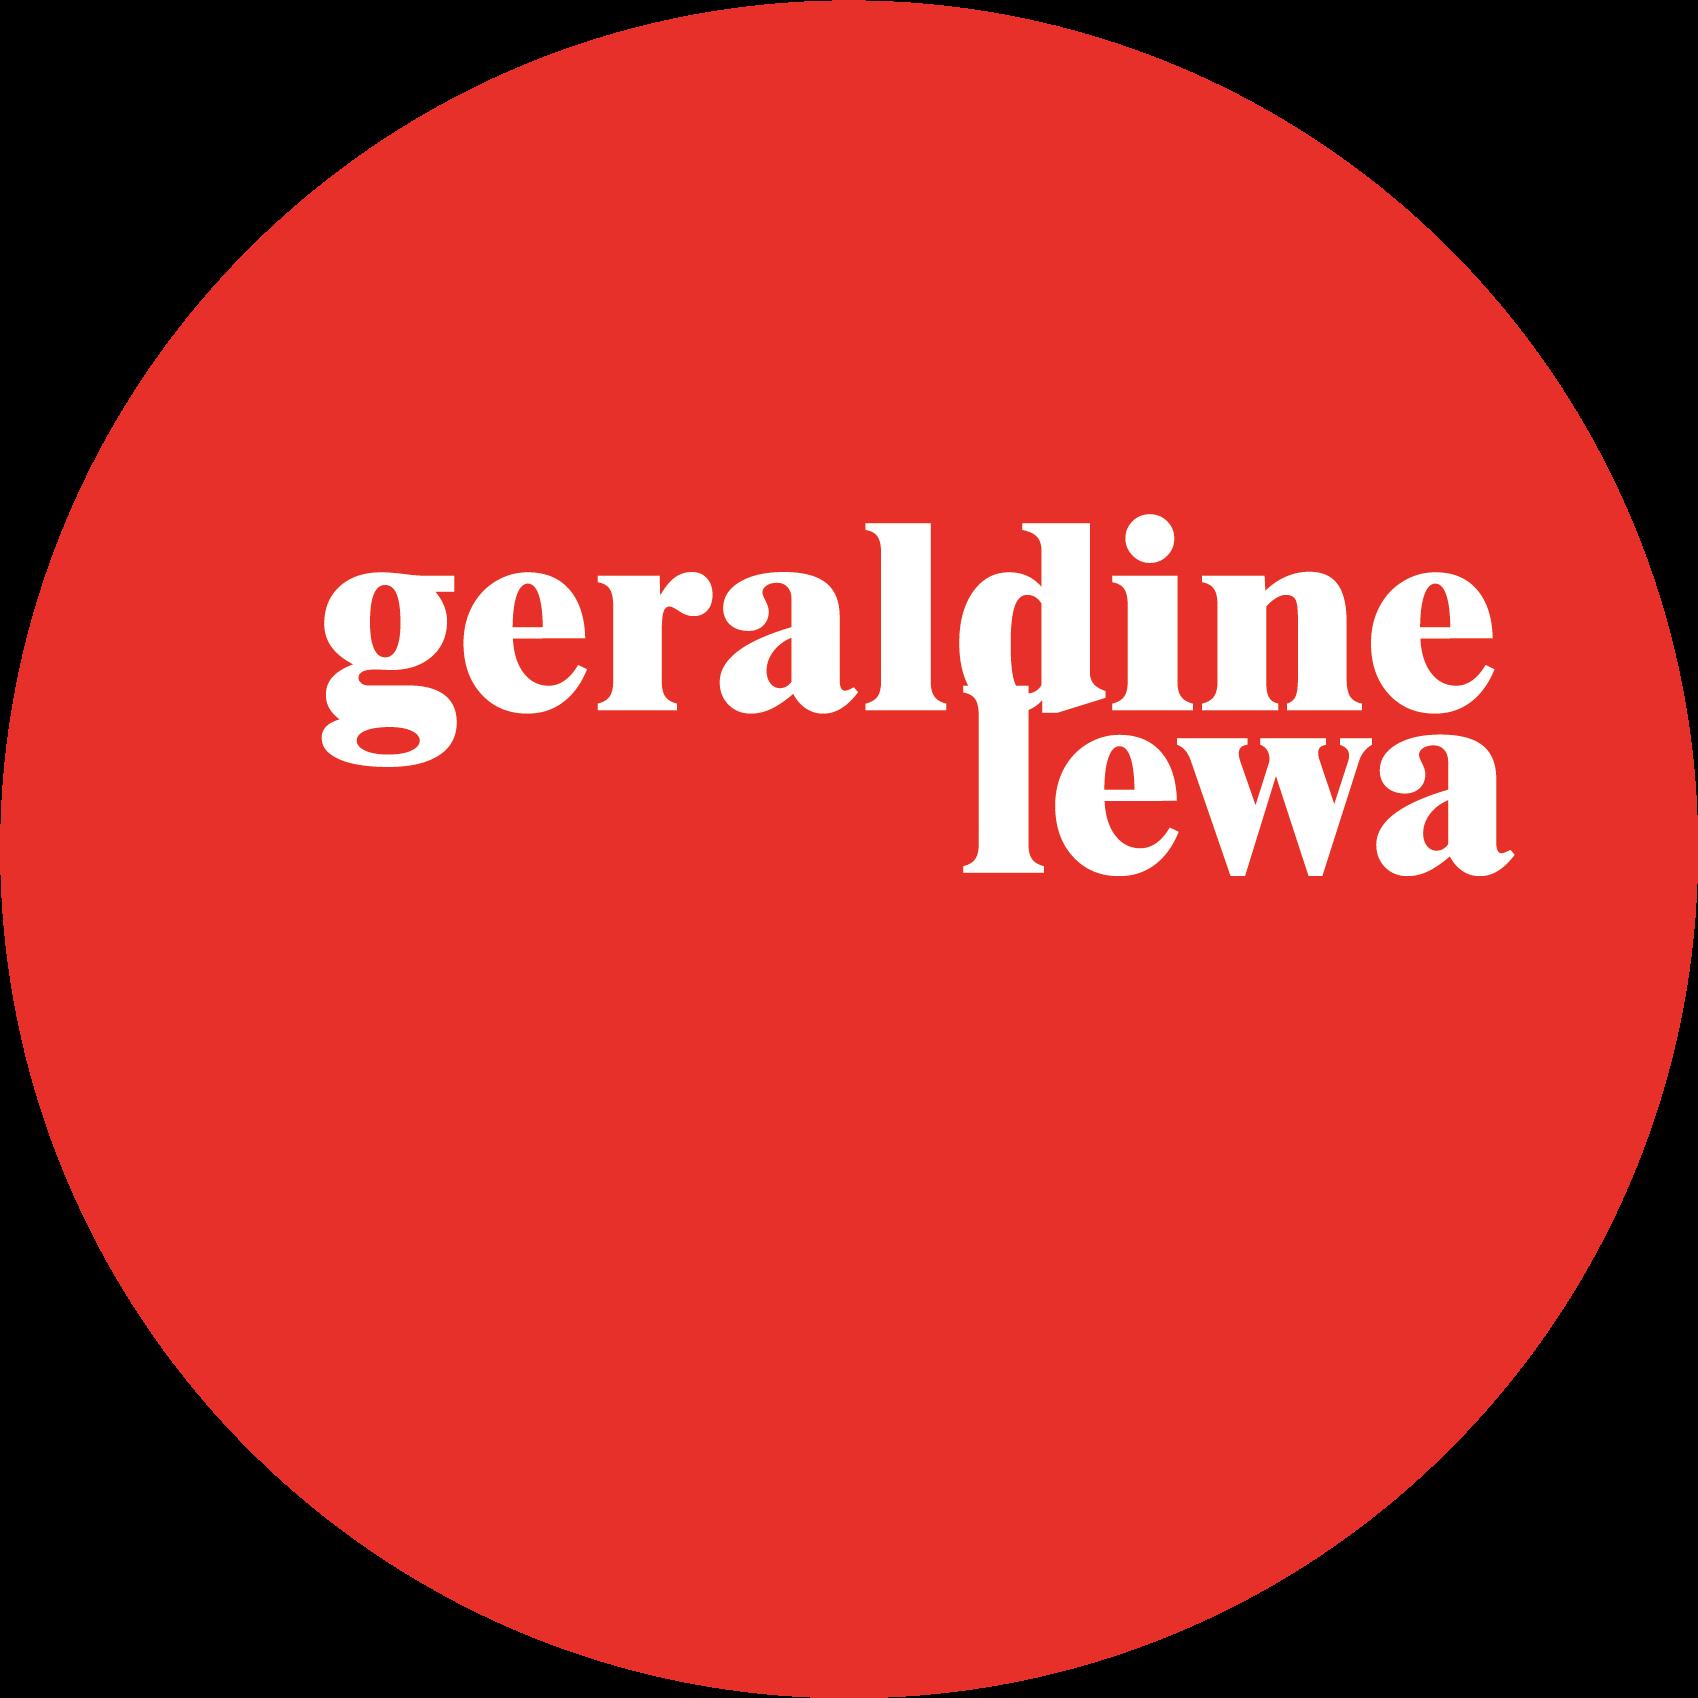 Go to Geraldine Lewa's profile